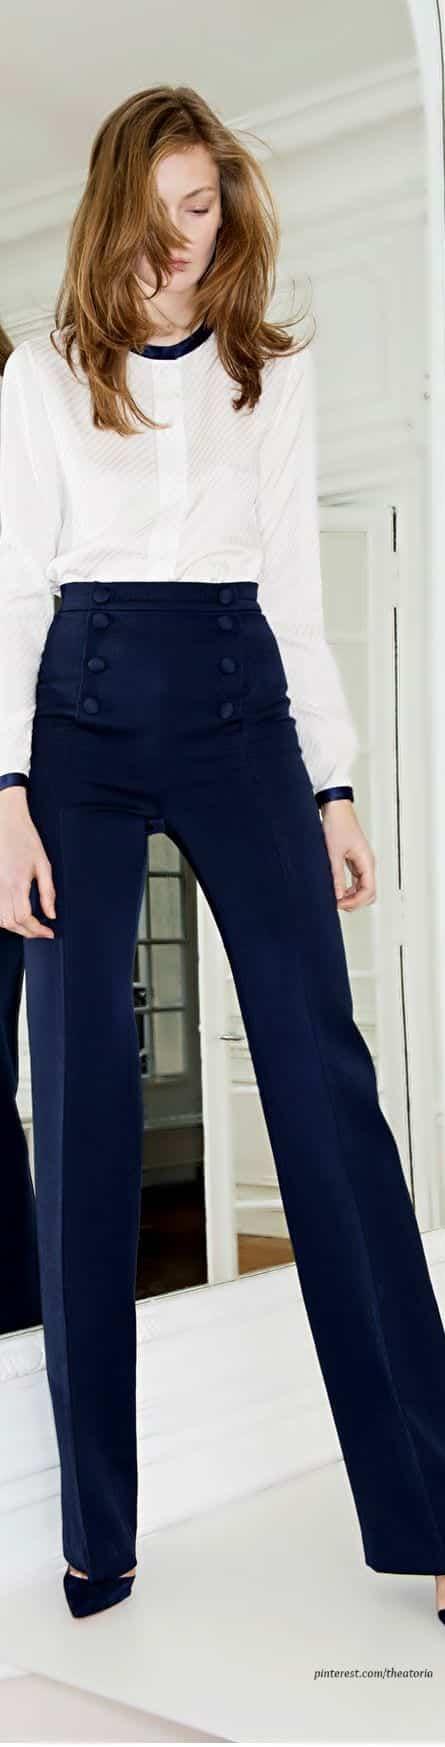 sailor pants style